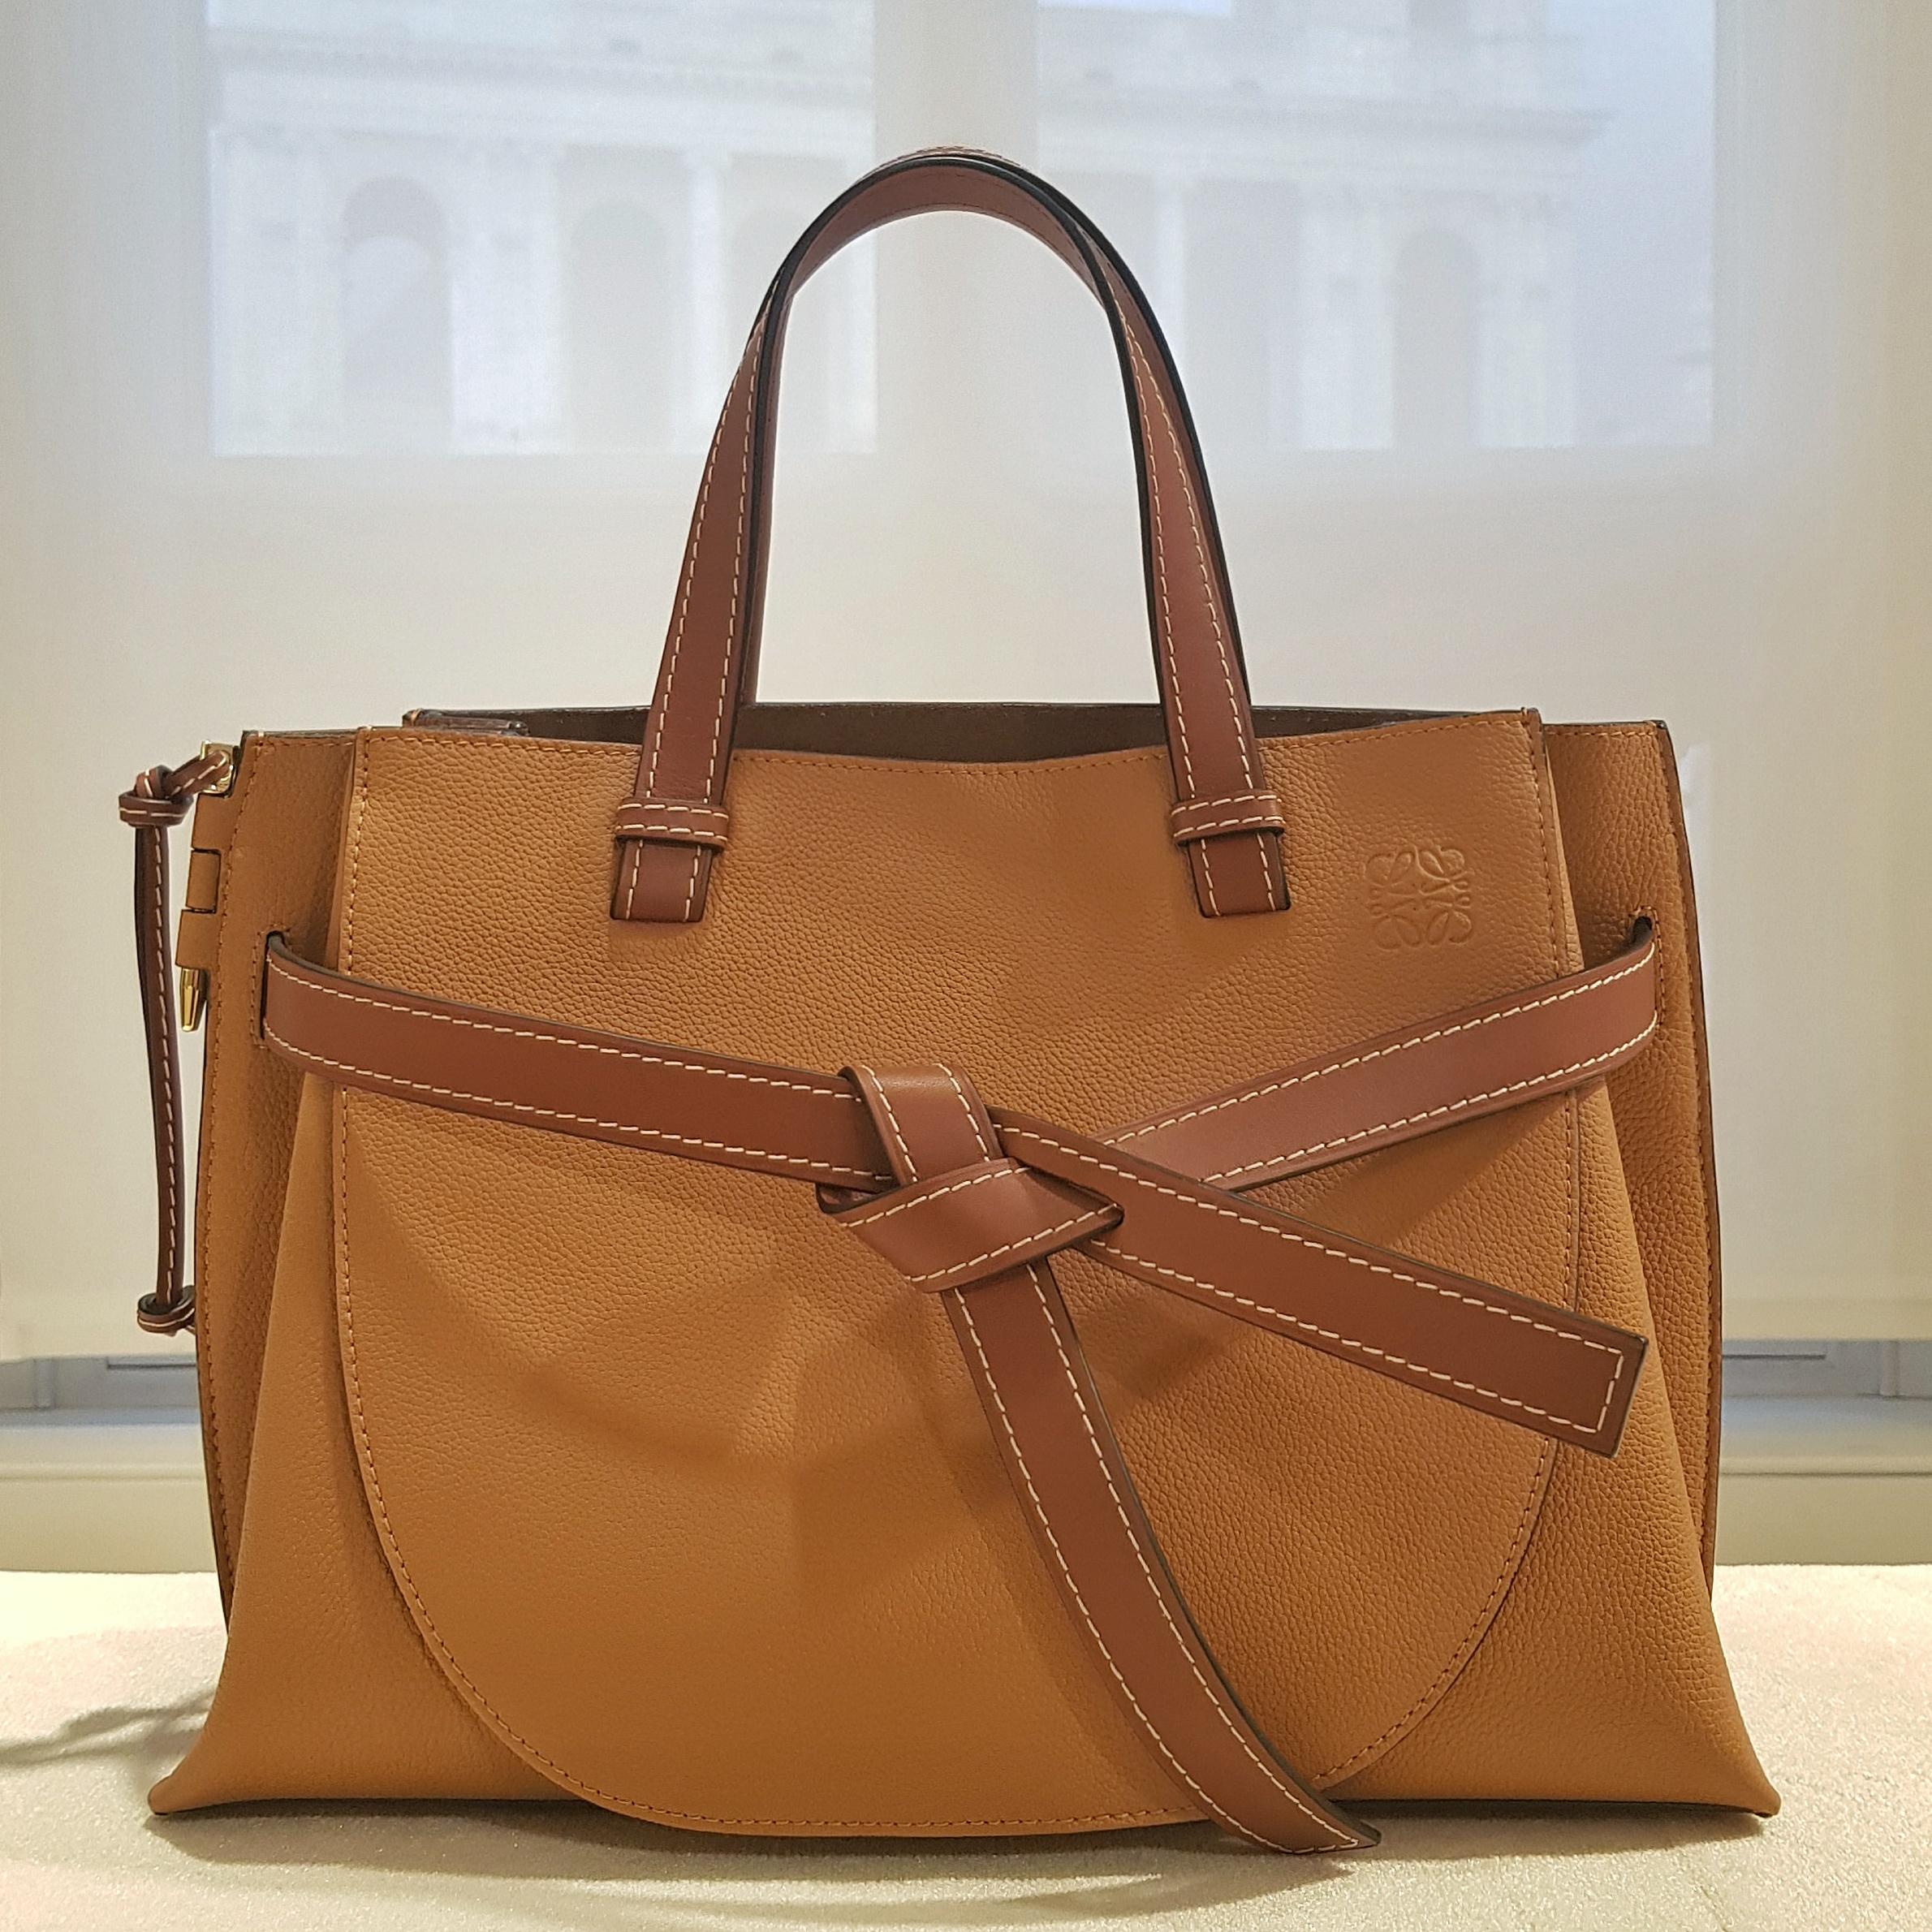 Bag Review Loewe Gate Tote The Bag Hag Diaries